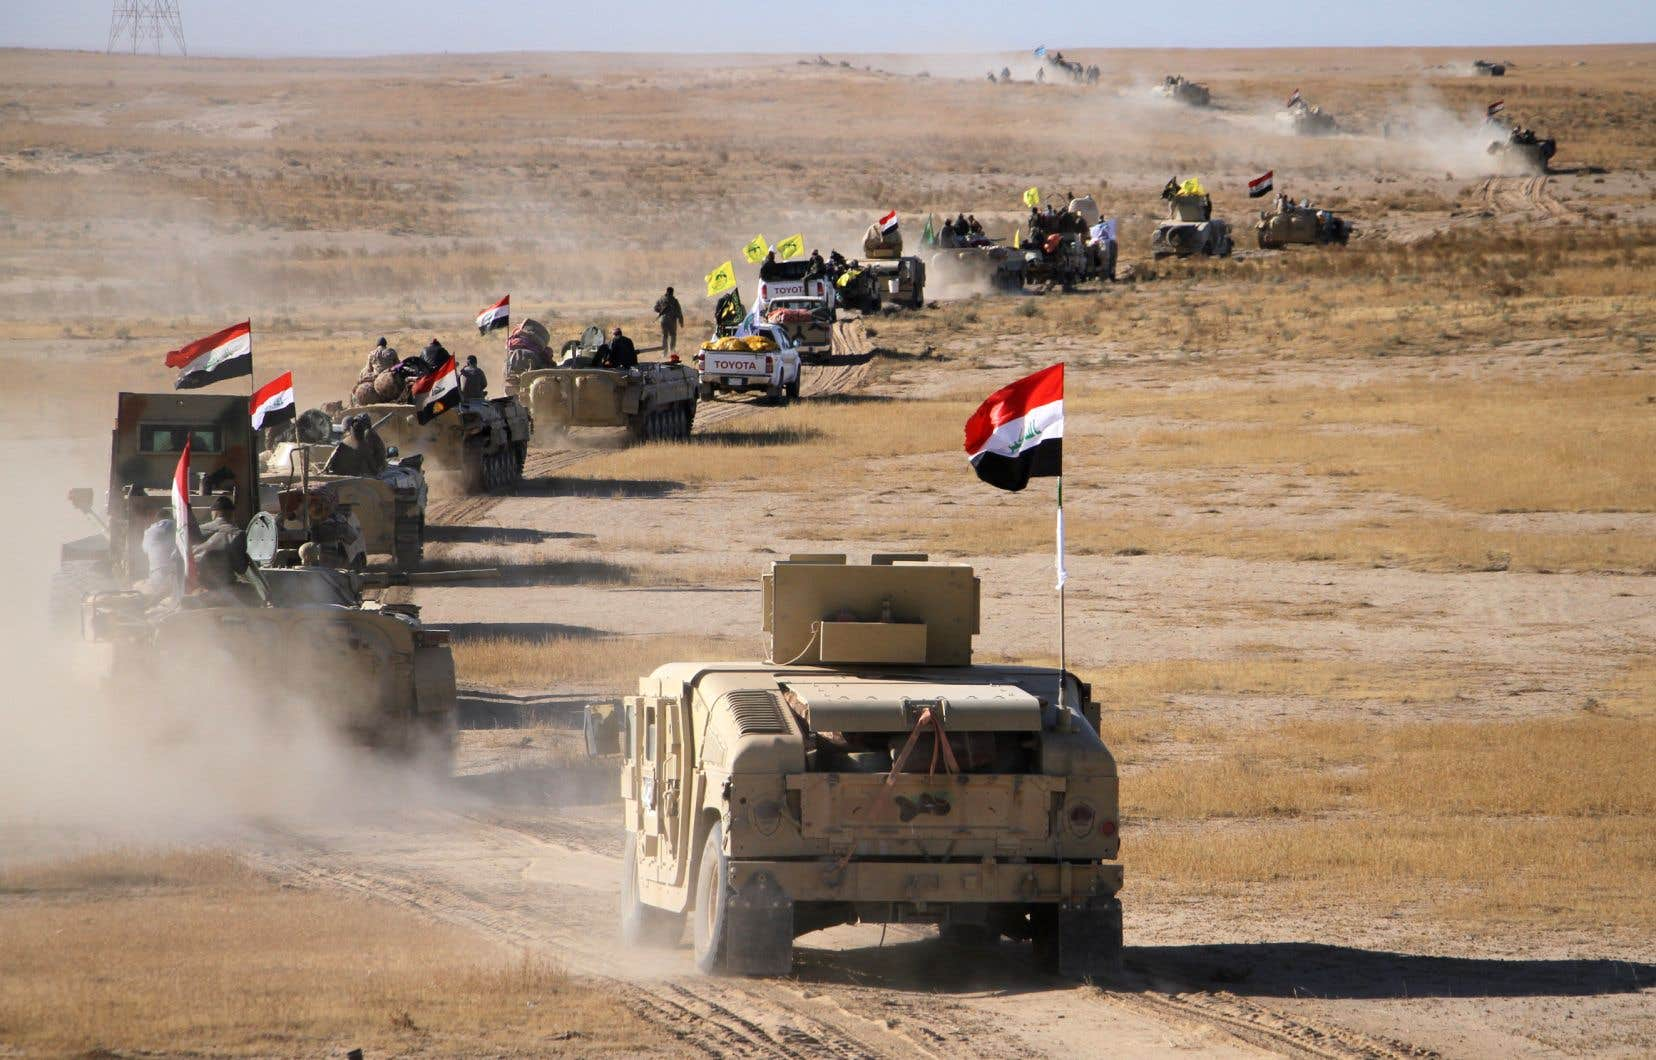 Pour Hicham al-Hachemi, expert en sécurité, les forces de sécurité cherchent à chasser environ un millier de combattants djihadistes des régions désertiques qui entourent Baïji, Rawah et Tharthar.